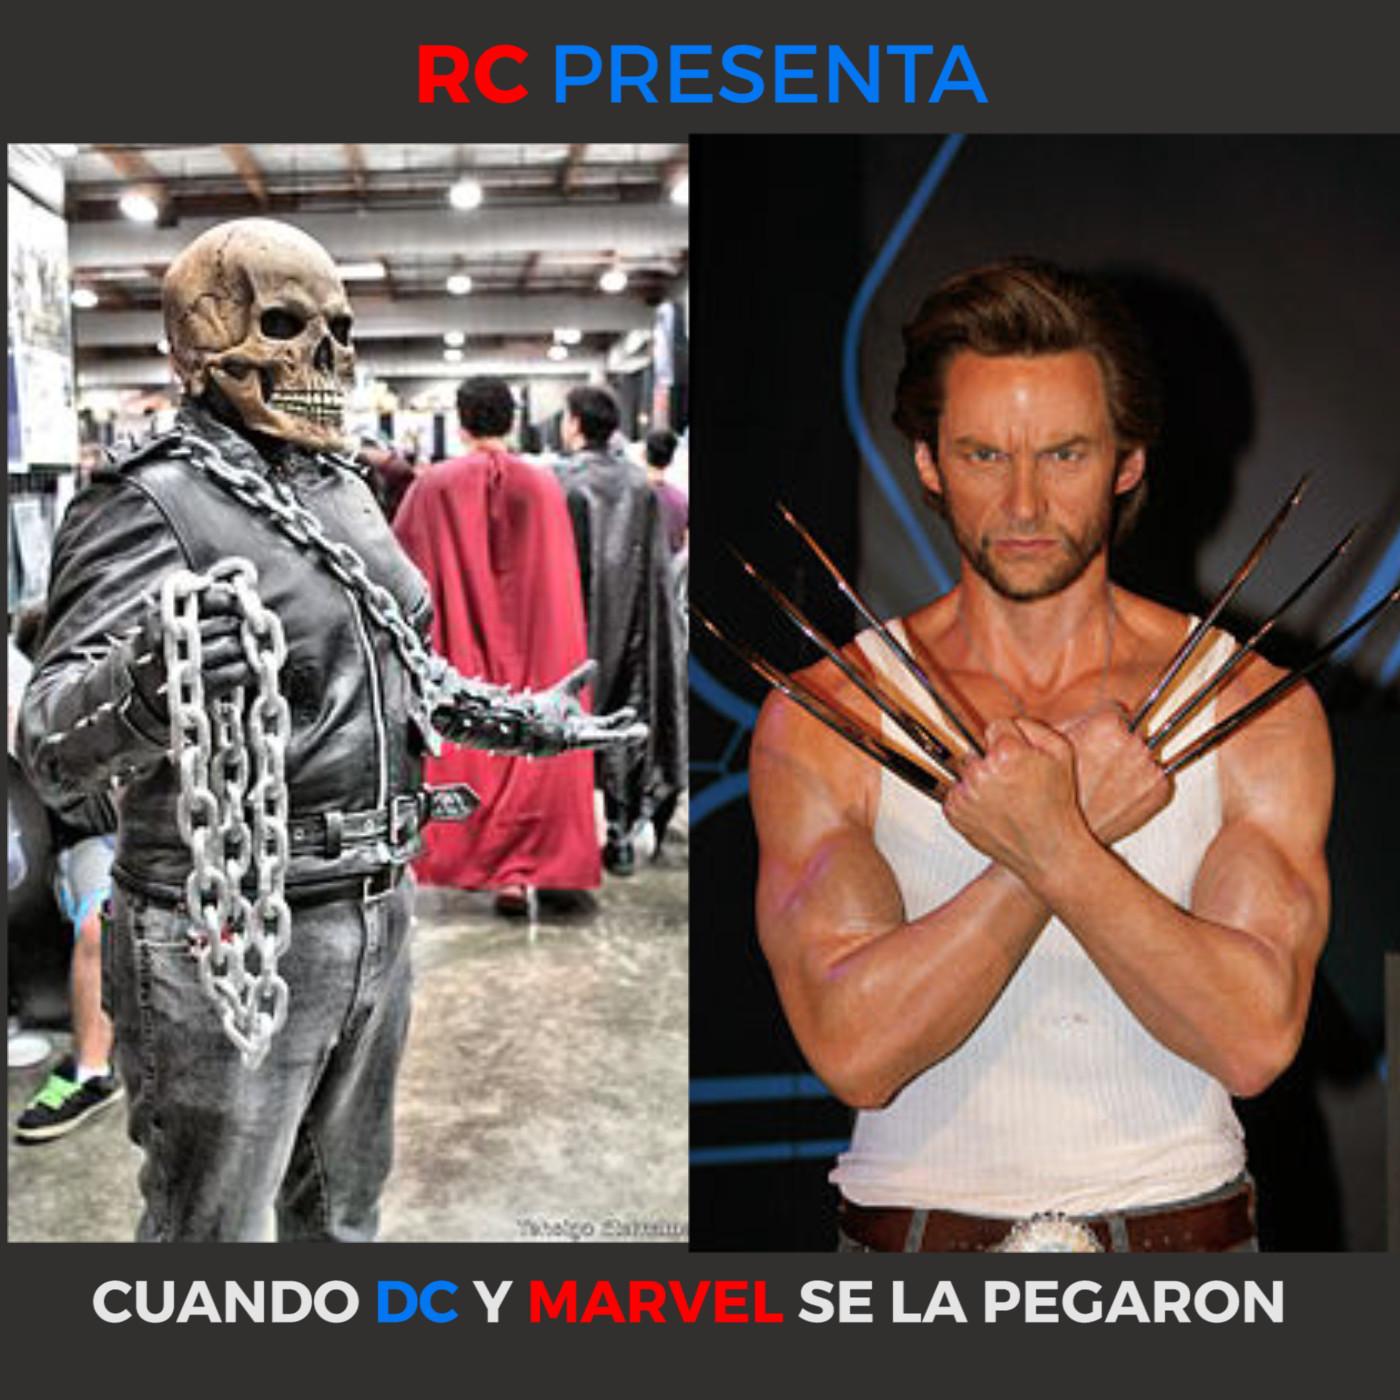 RC (5x09) | Cuando DC y Marvel se la pegaron